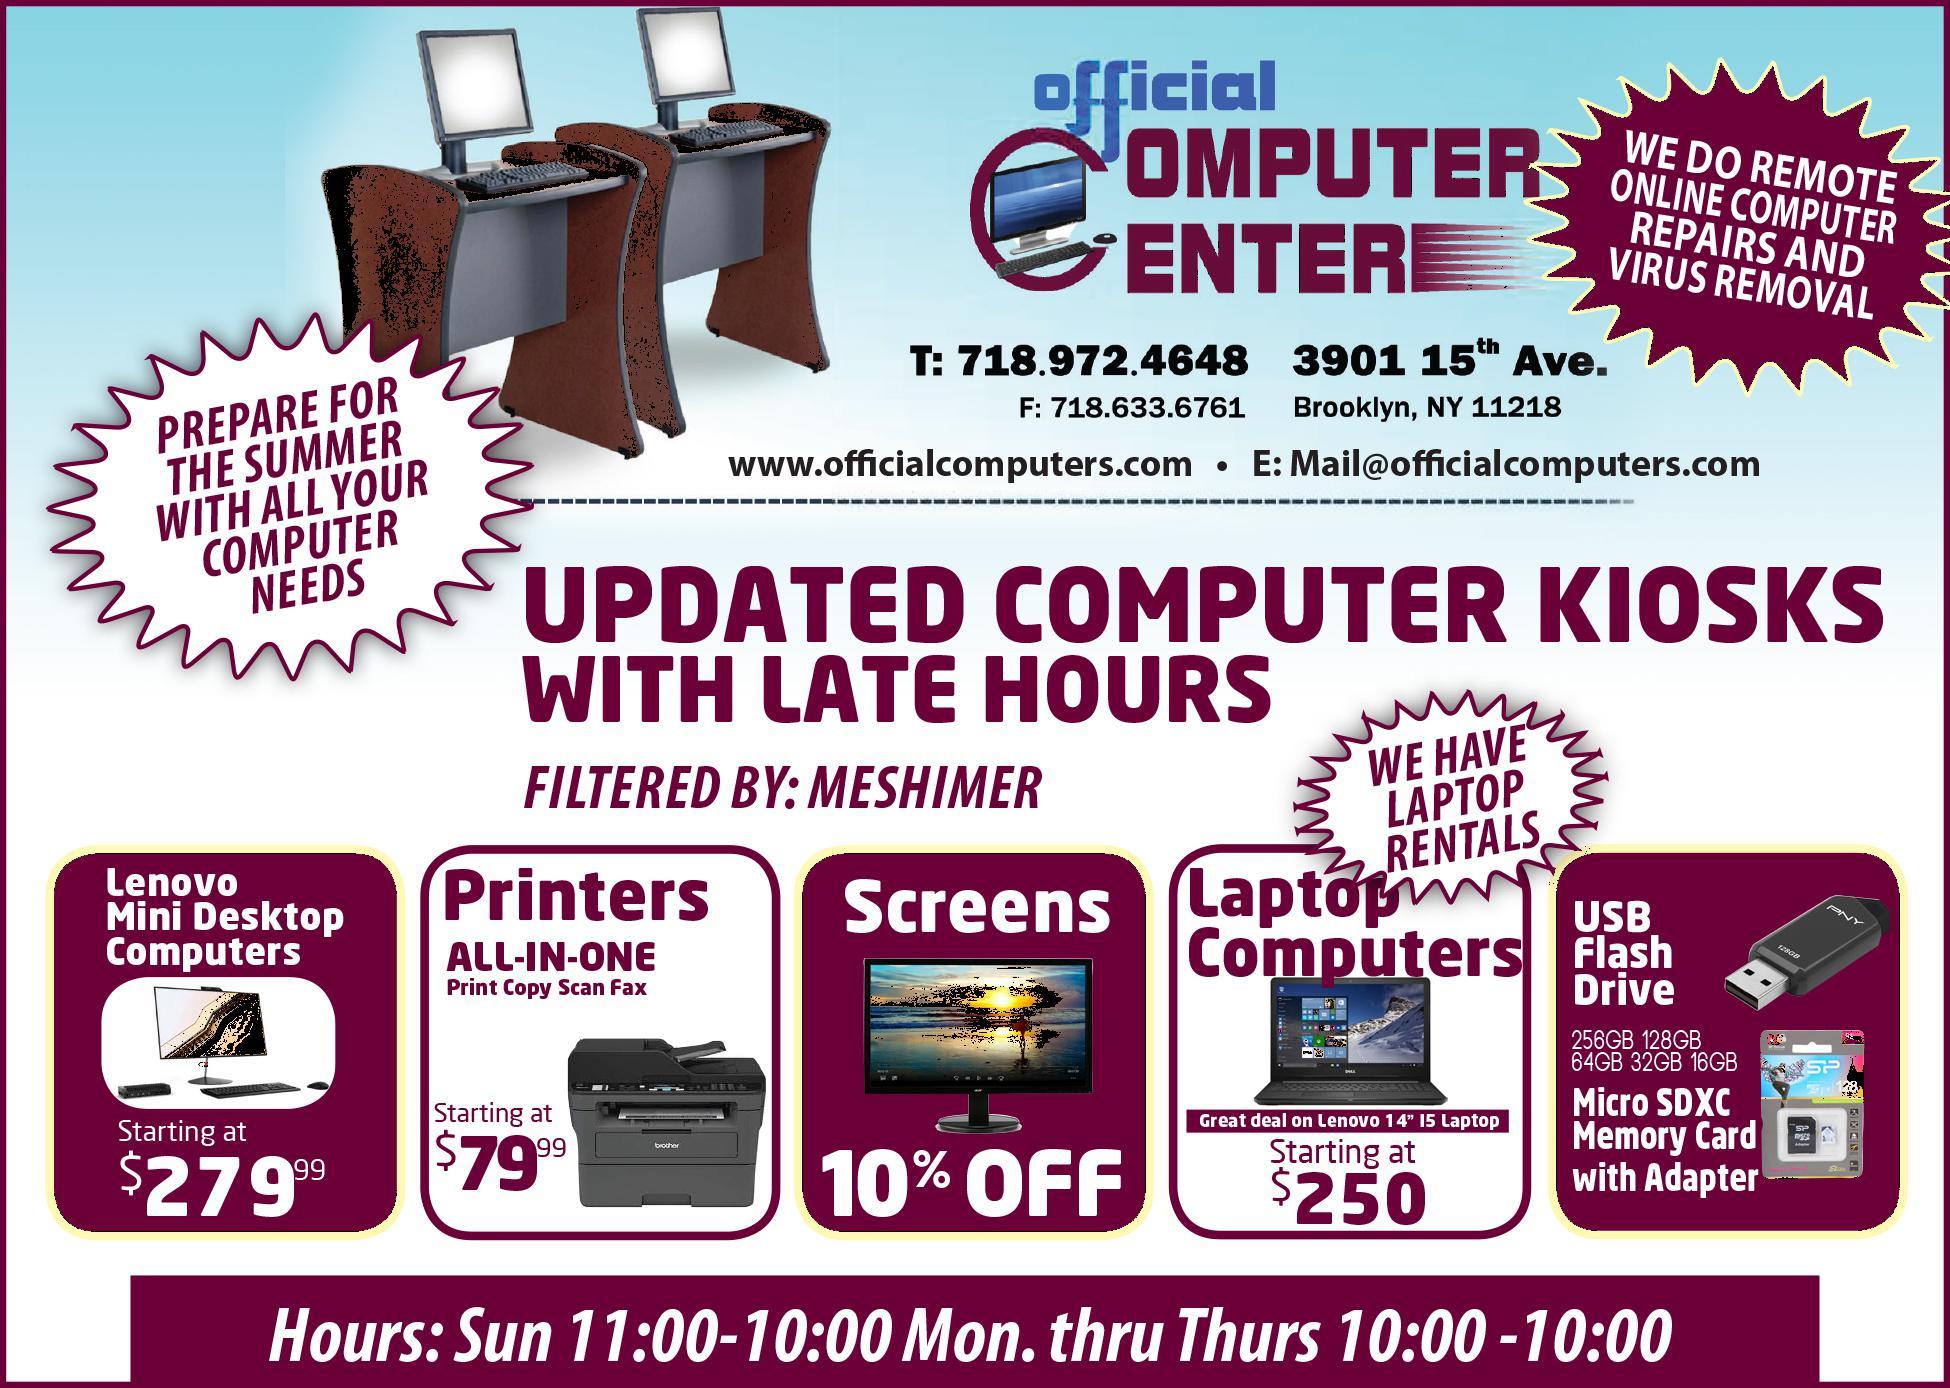 official-computer-center-6-9-211.jpg